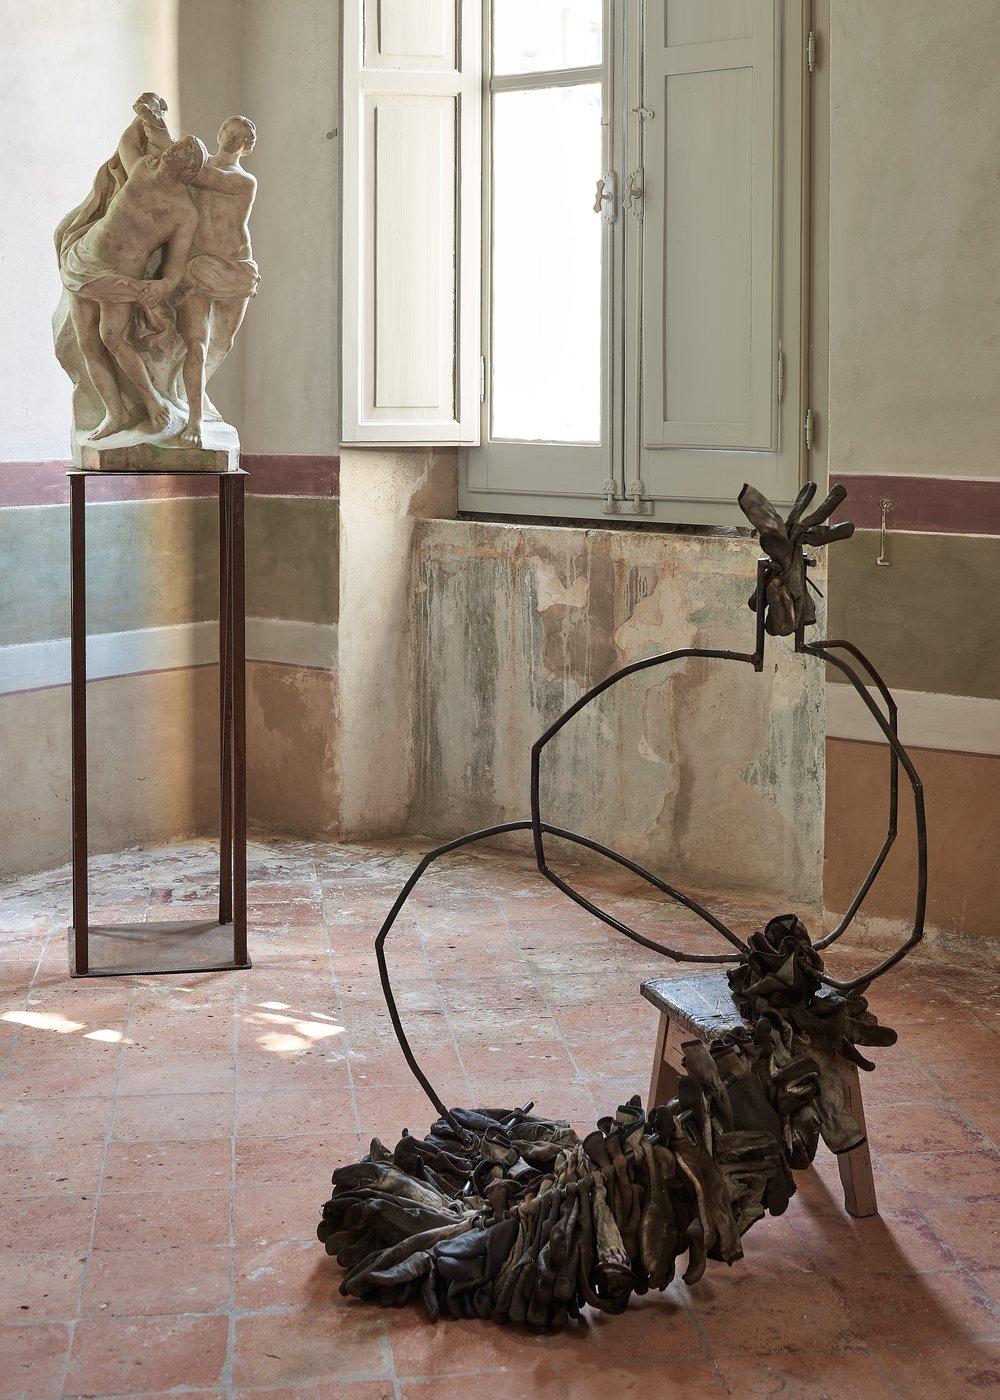 Altrove / Figura opulenta  2017  Esposizione  La dea ignota  , per gentile concessione di Gasparelli Arte Contemporanea, 2018 - Foto Paolo Semprucci